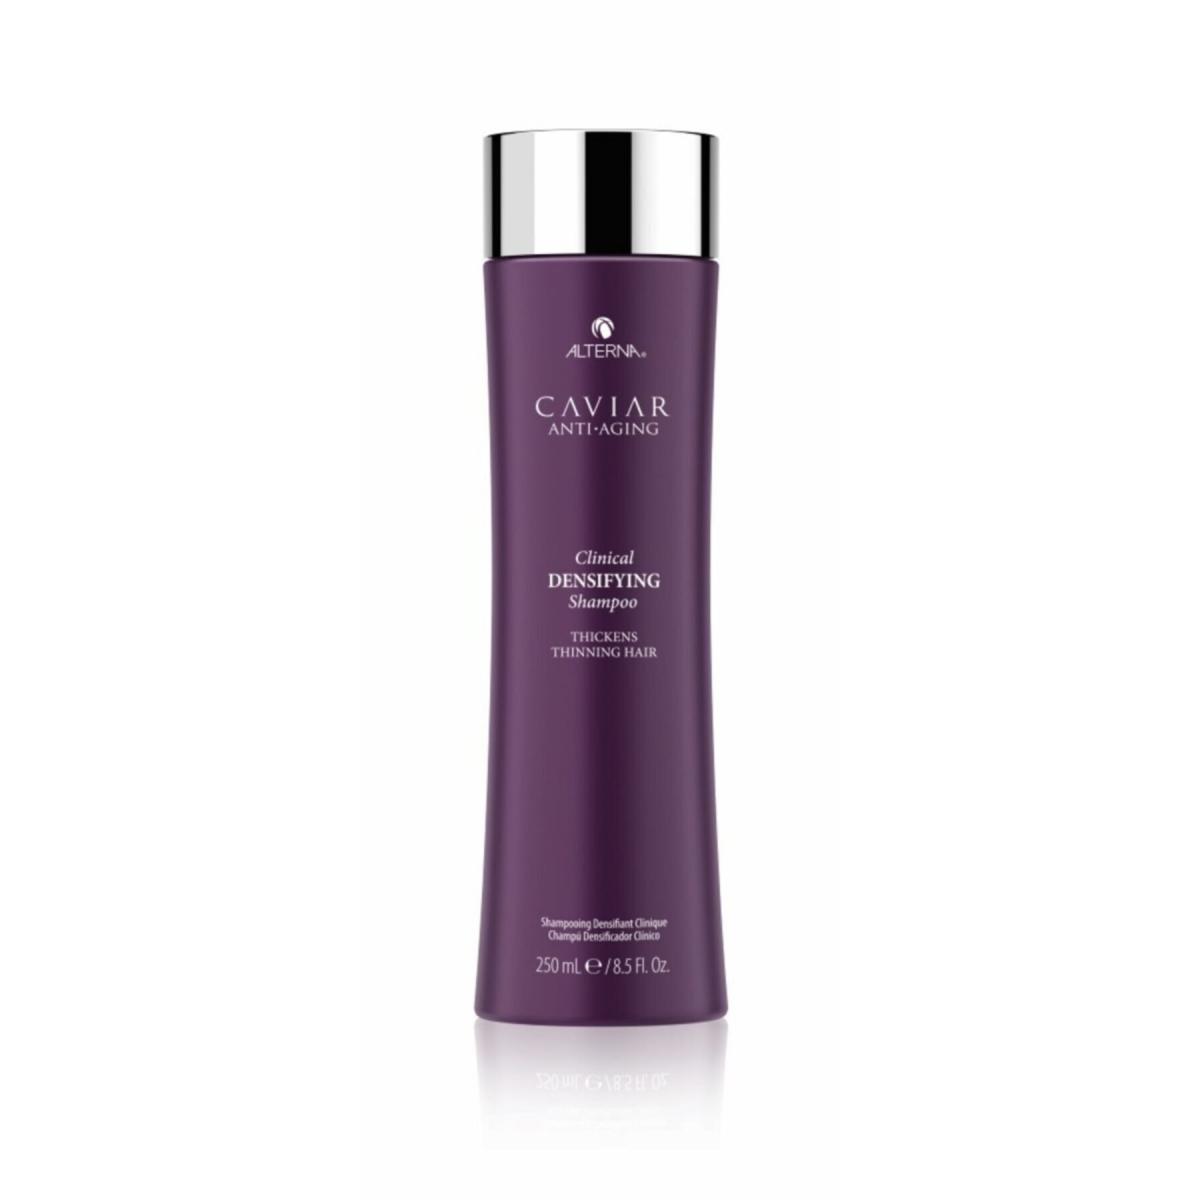 ALTERNA Caviar Yoğunlaştırmaya Yardımcı Şampuan 250ml